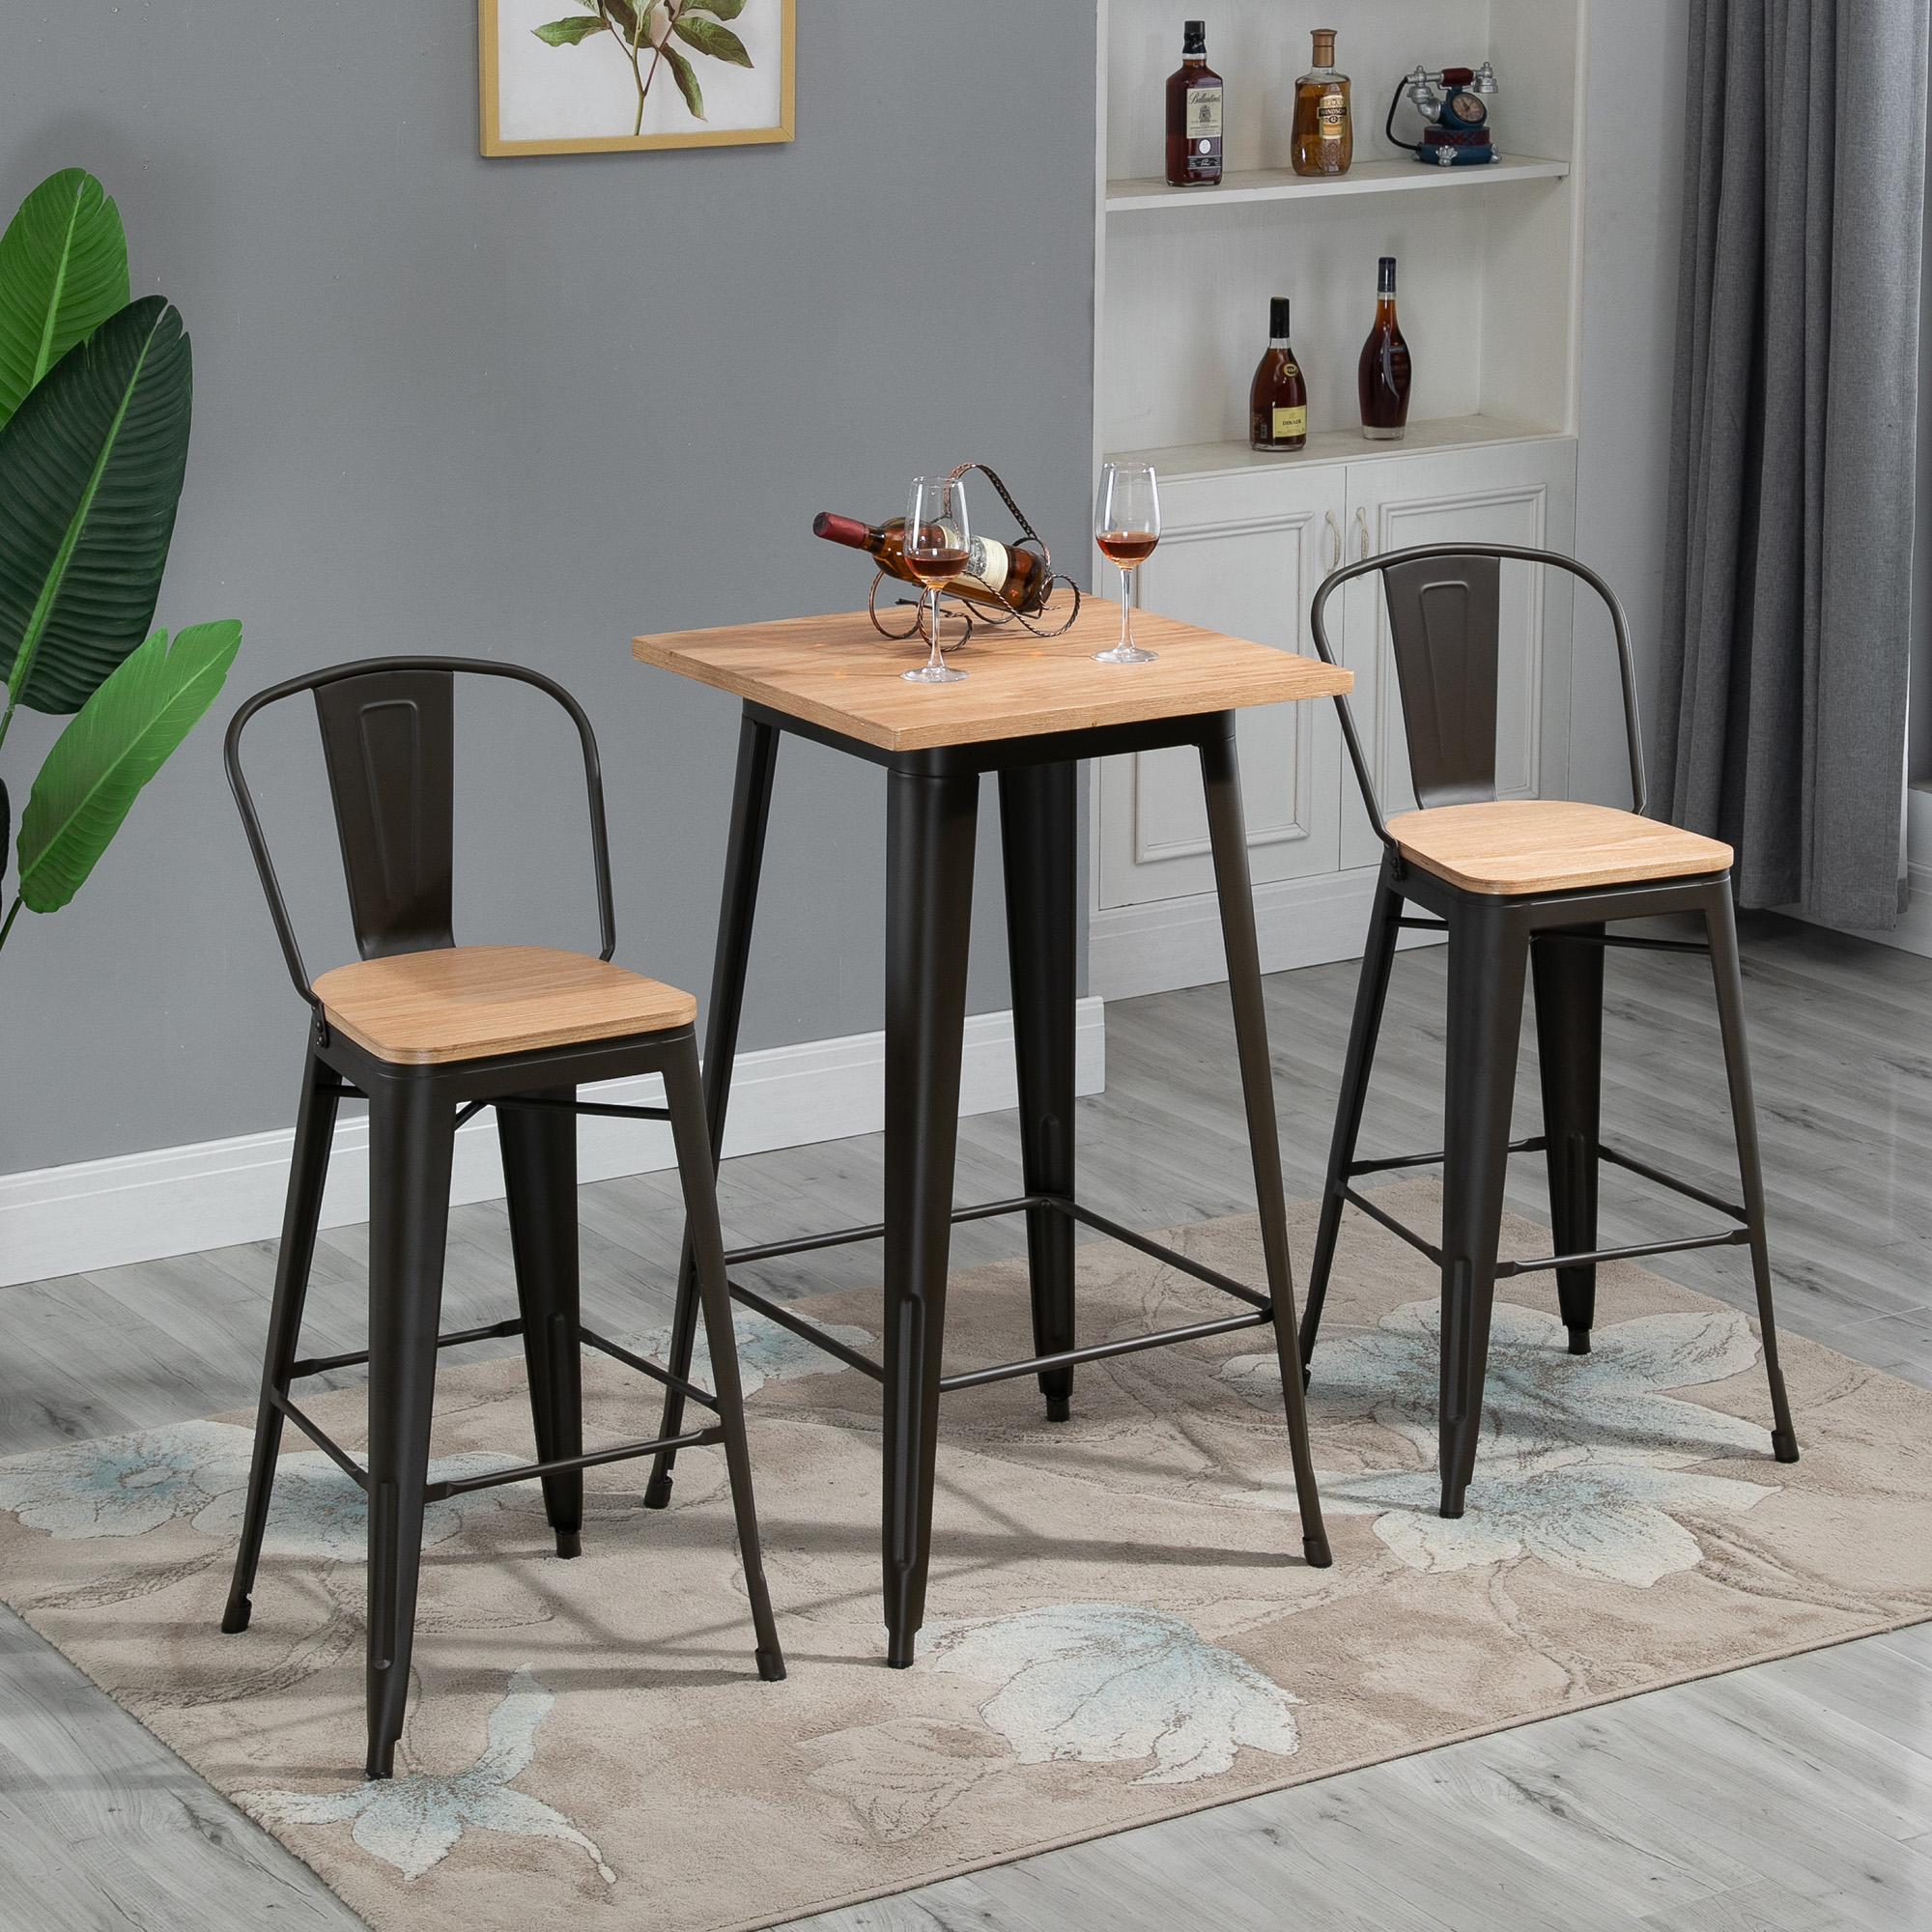 Table de bar carrée design industriel repose-pied noir plateau bois